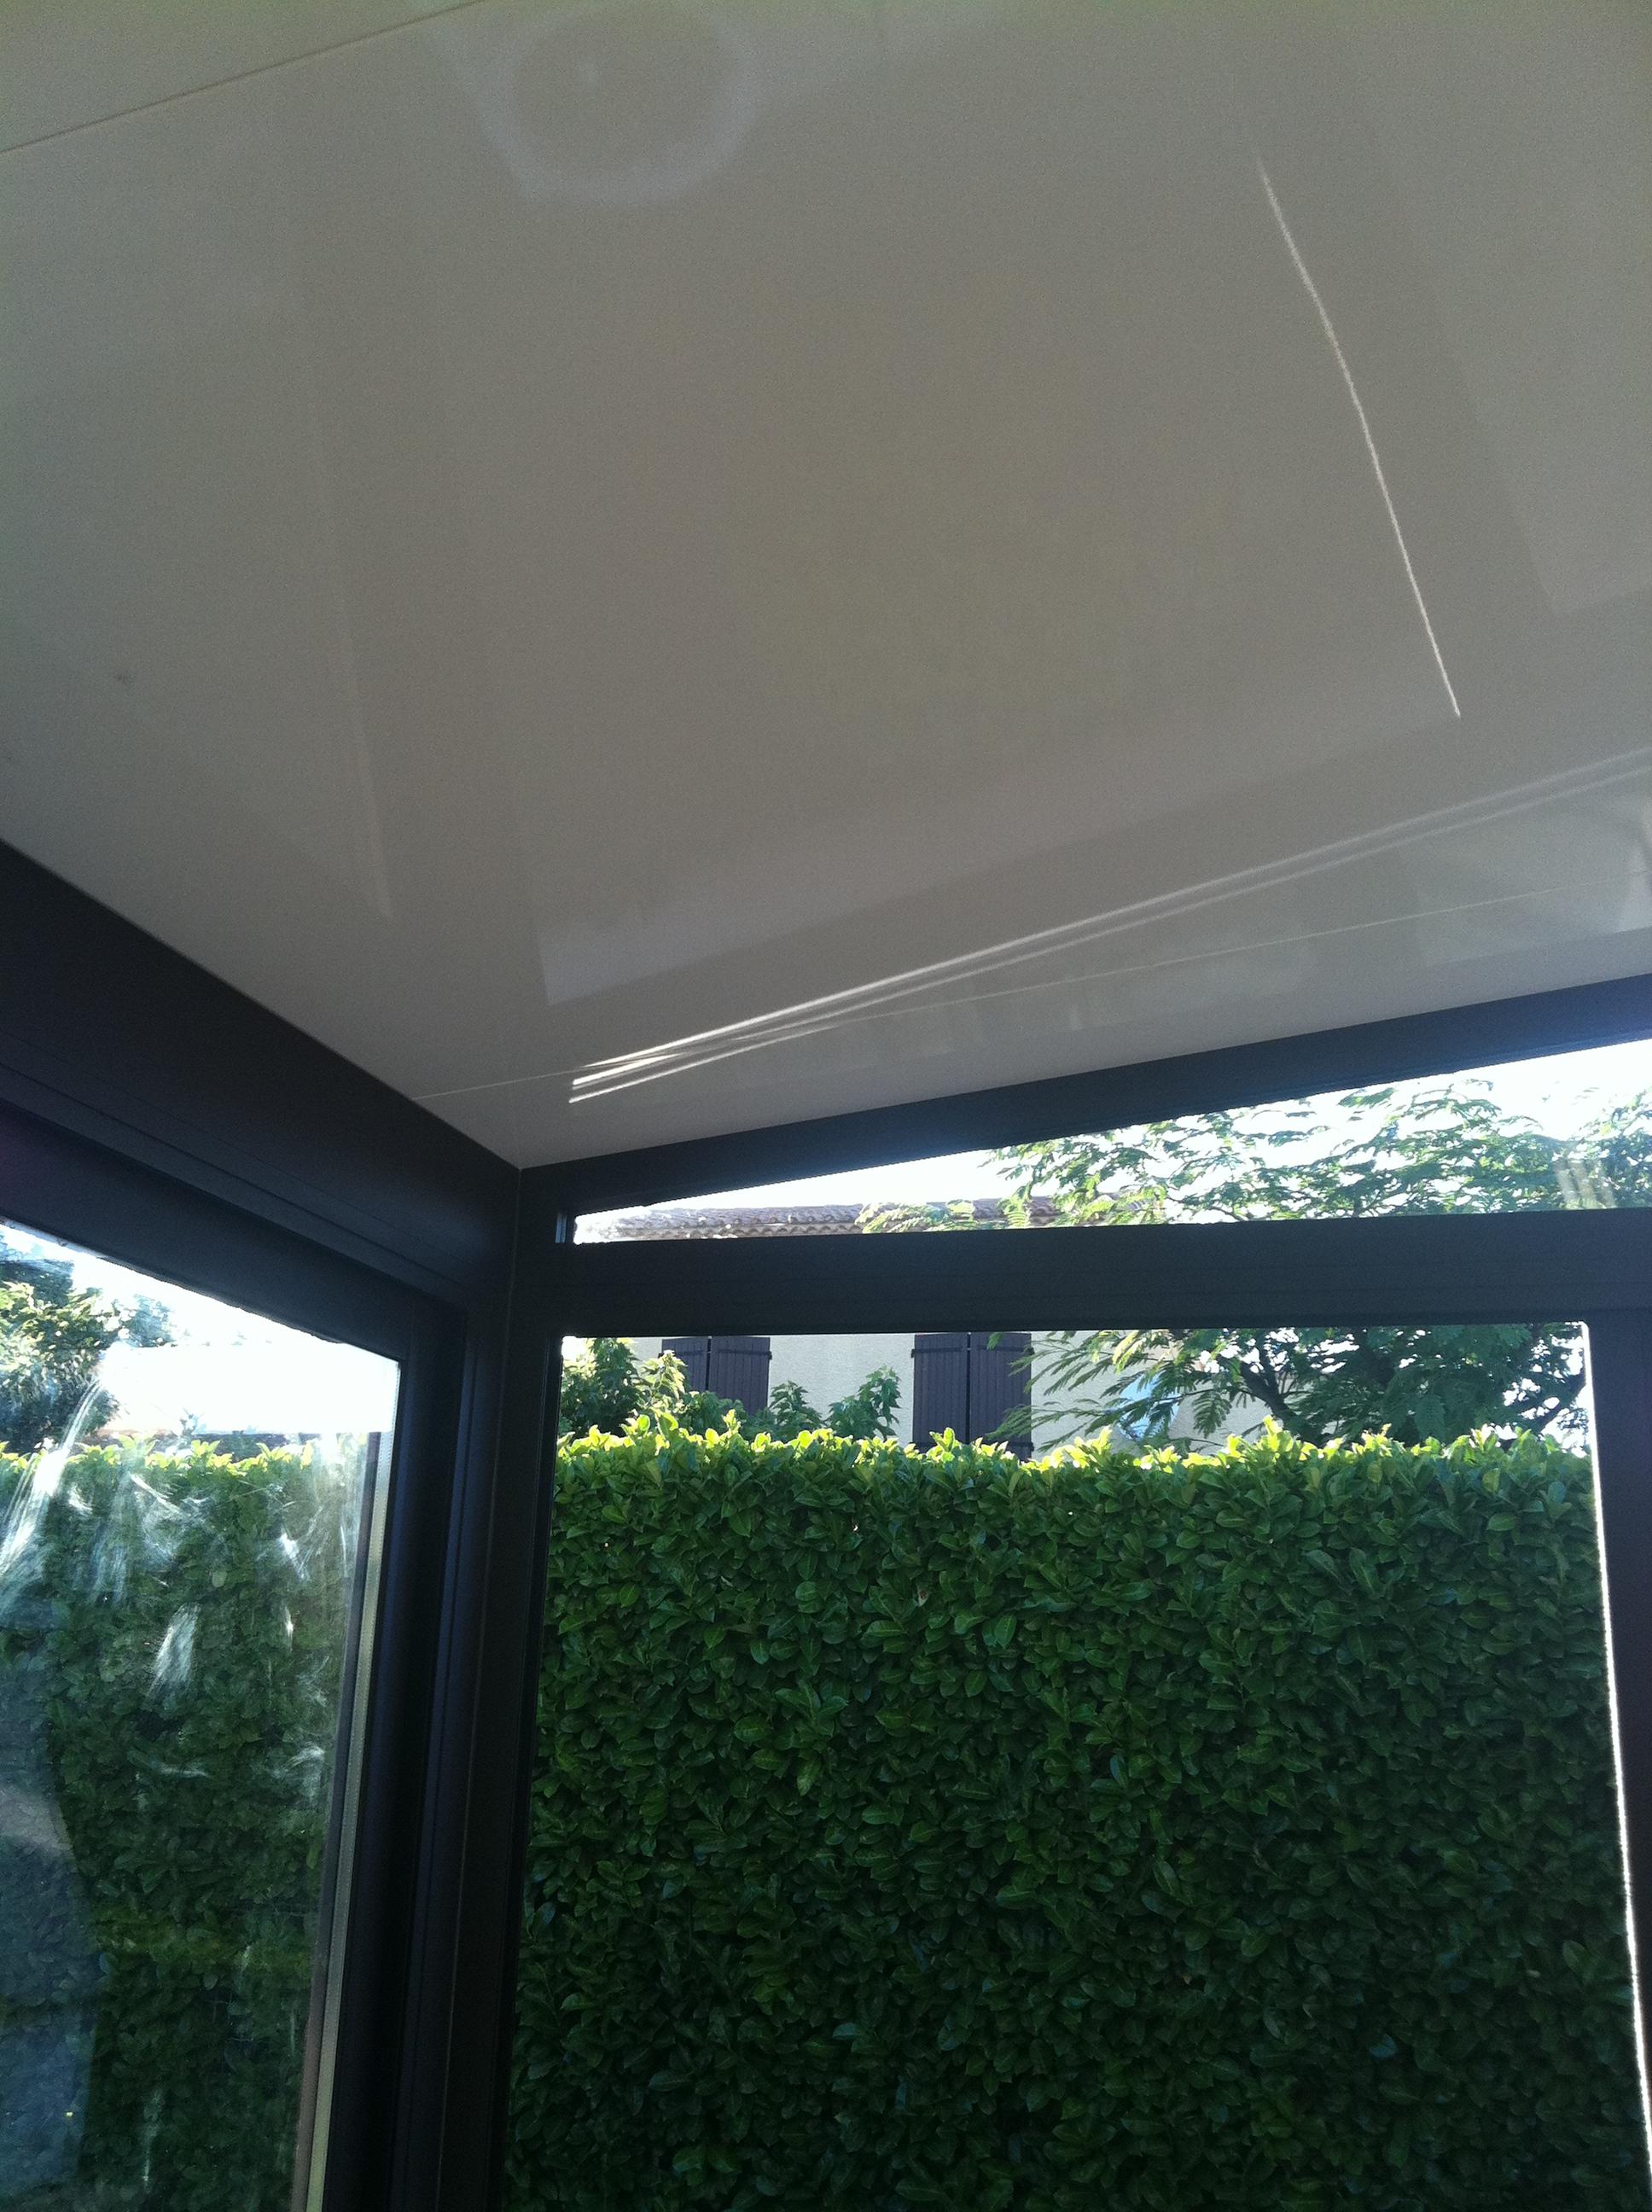 panneau double vitrage panneau en verre double vitrage contrle solaire pour protection incendie. Black Bedroom Furniture Sets. Home Design Ideas